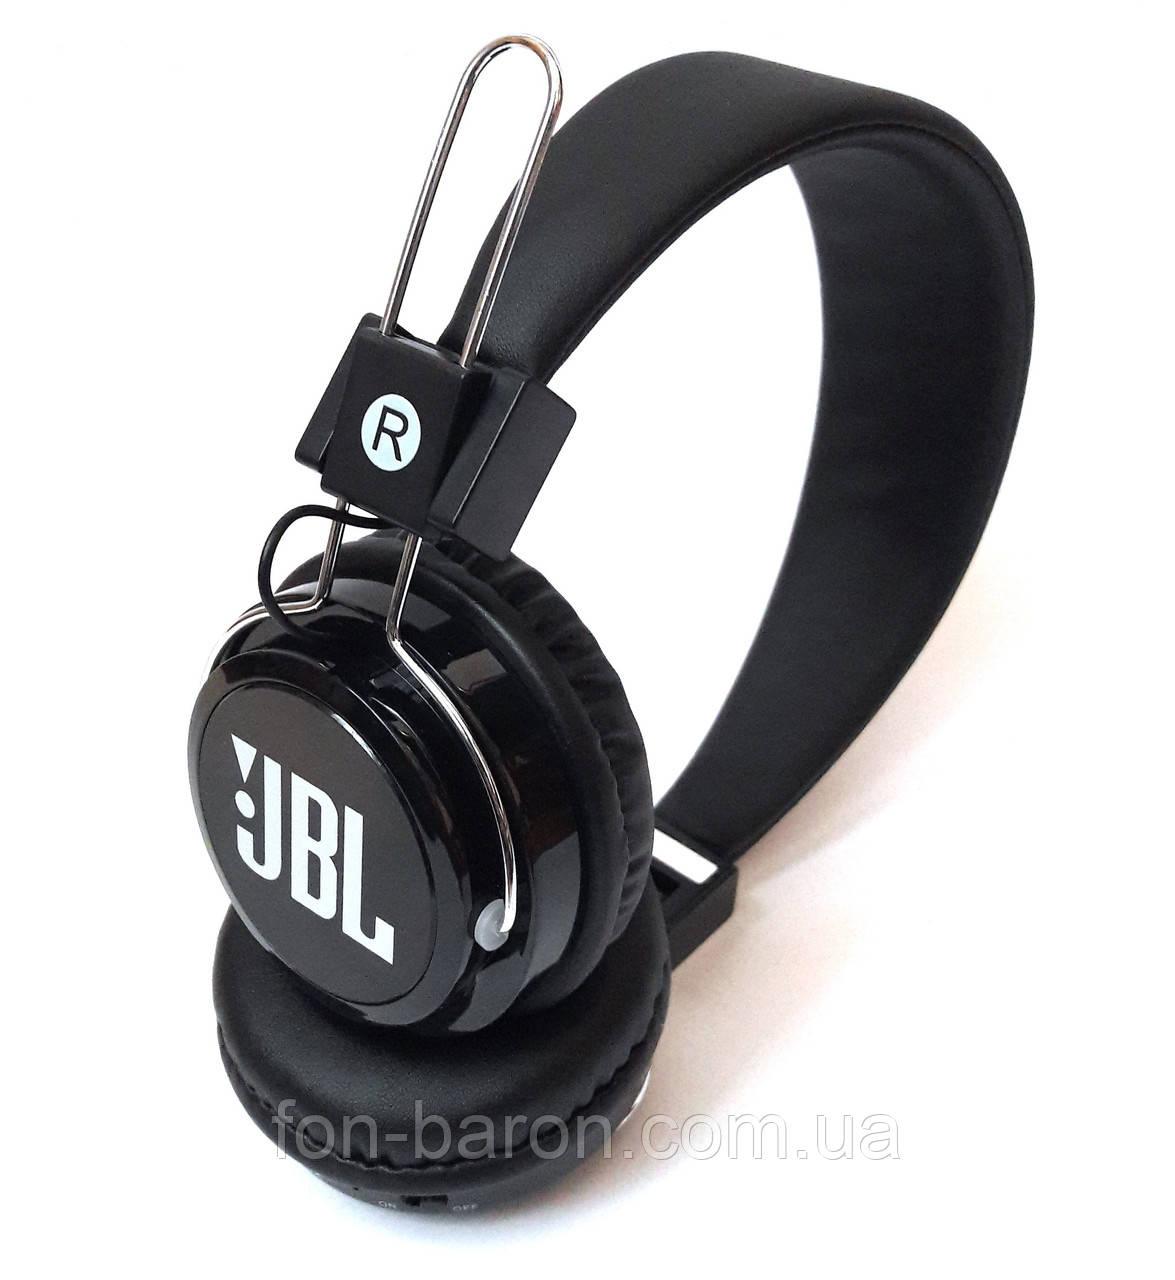 Беспроводные Bluetooth наушники JBL B09 47c424dc124b3